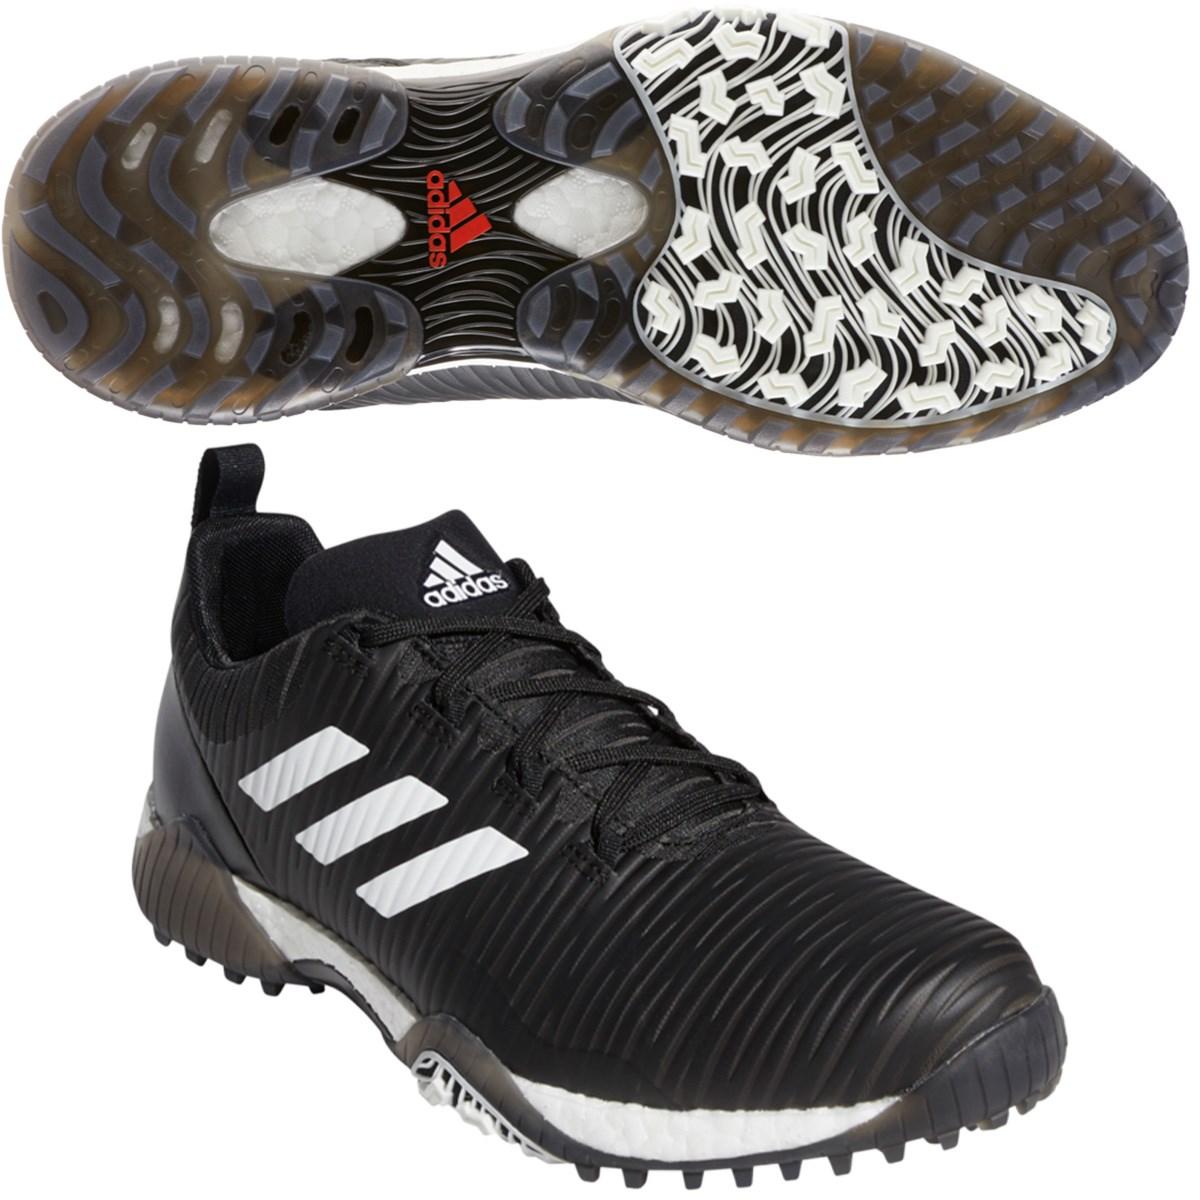 アディダス Adidas コードカオス シューズ 27cm コアブラック/ホワイト/ダークソーラーグリーン